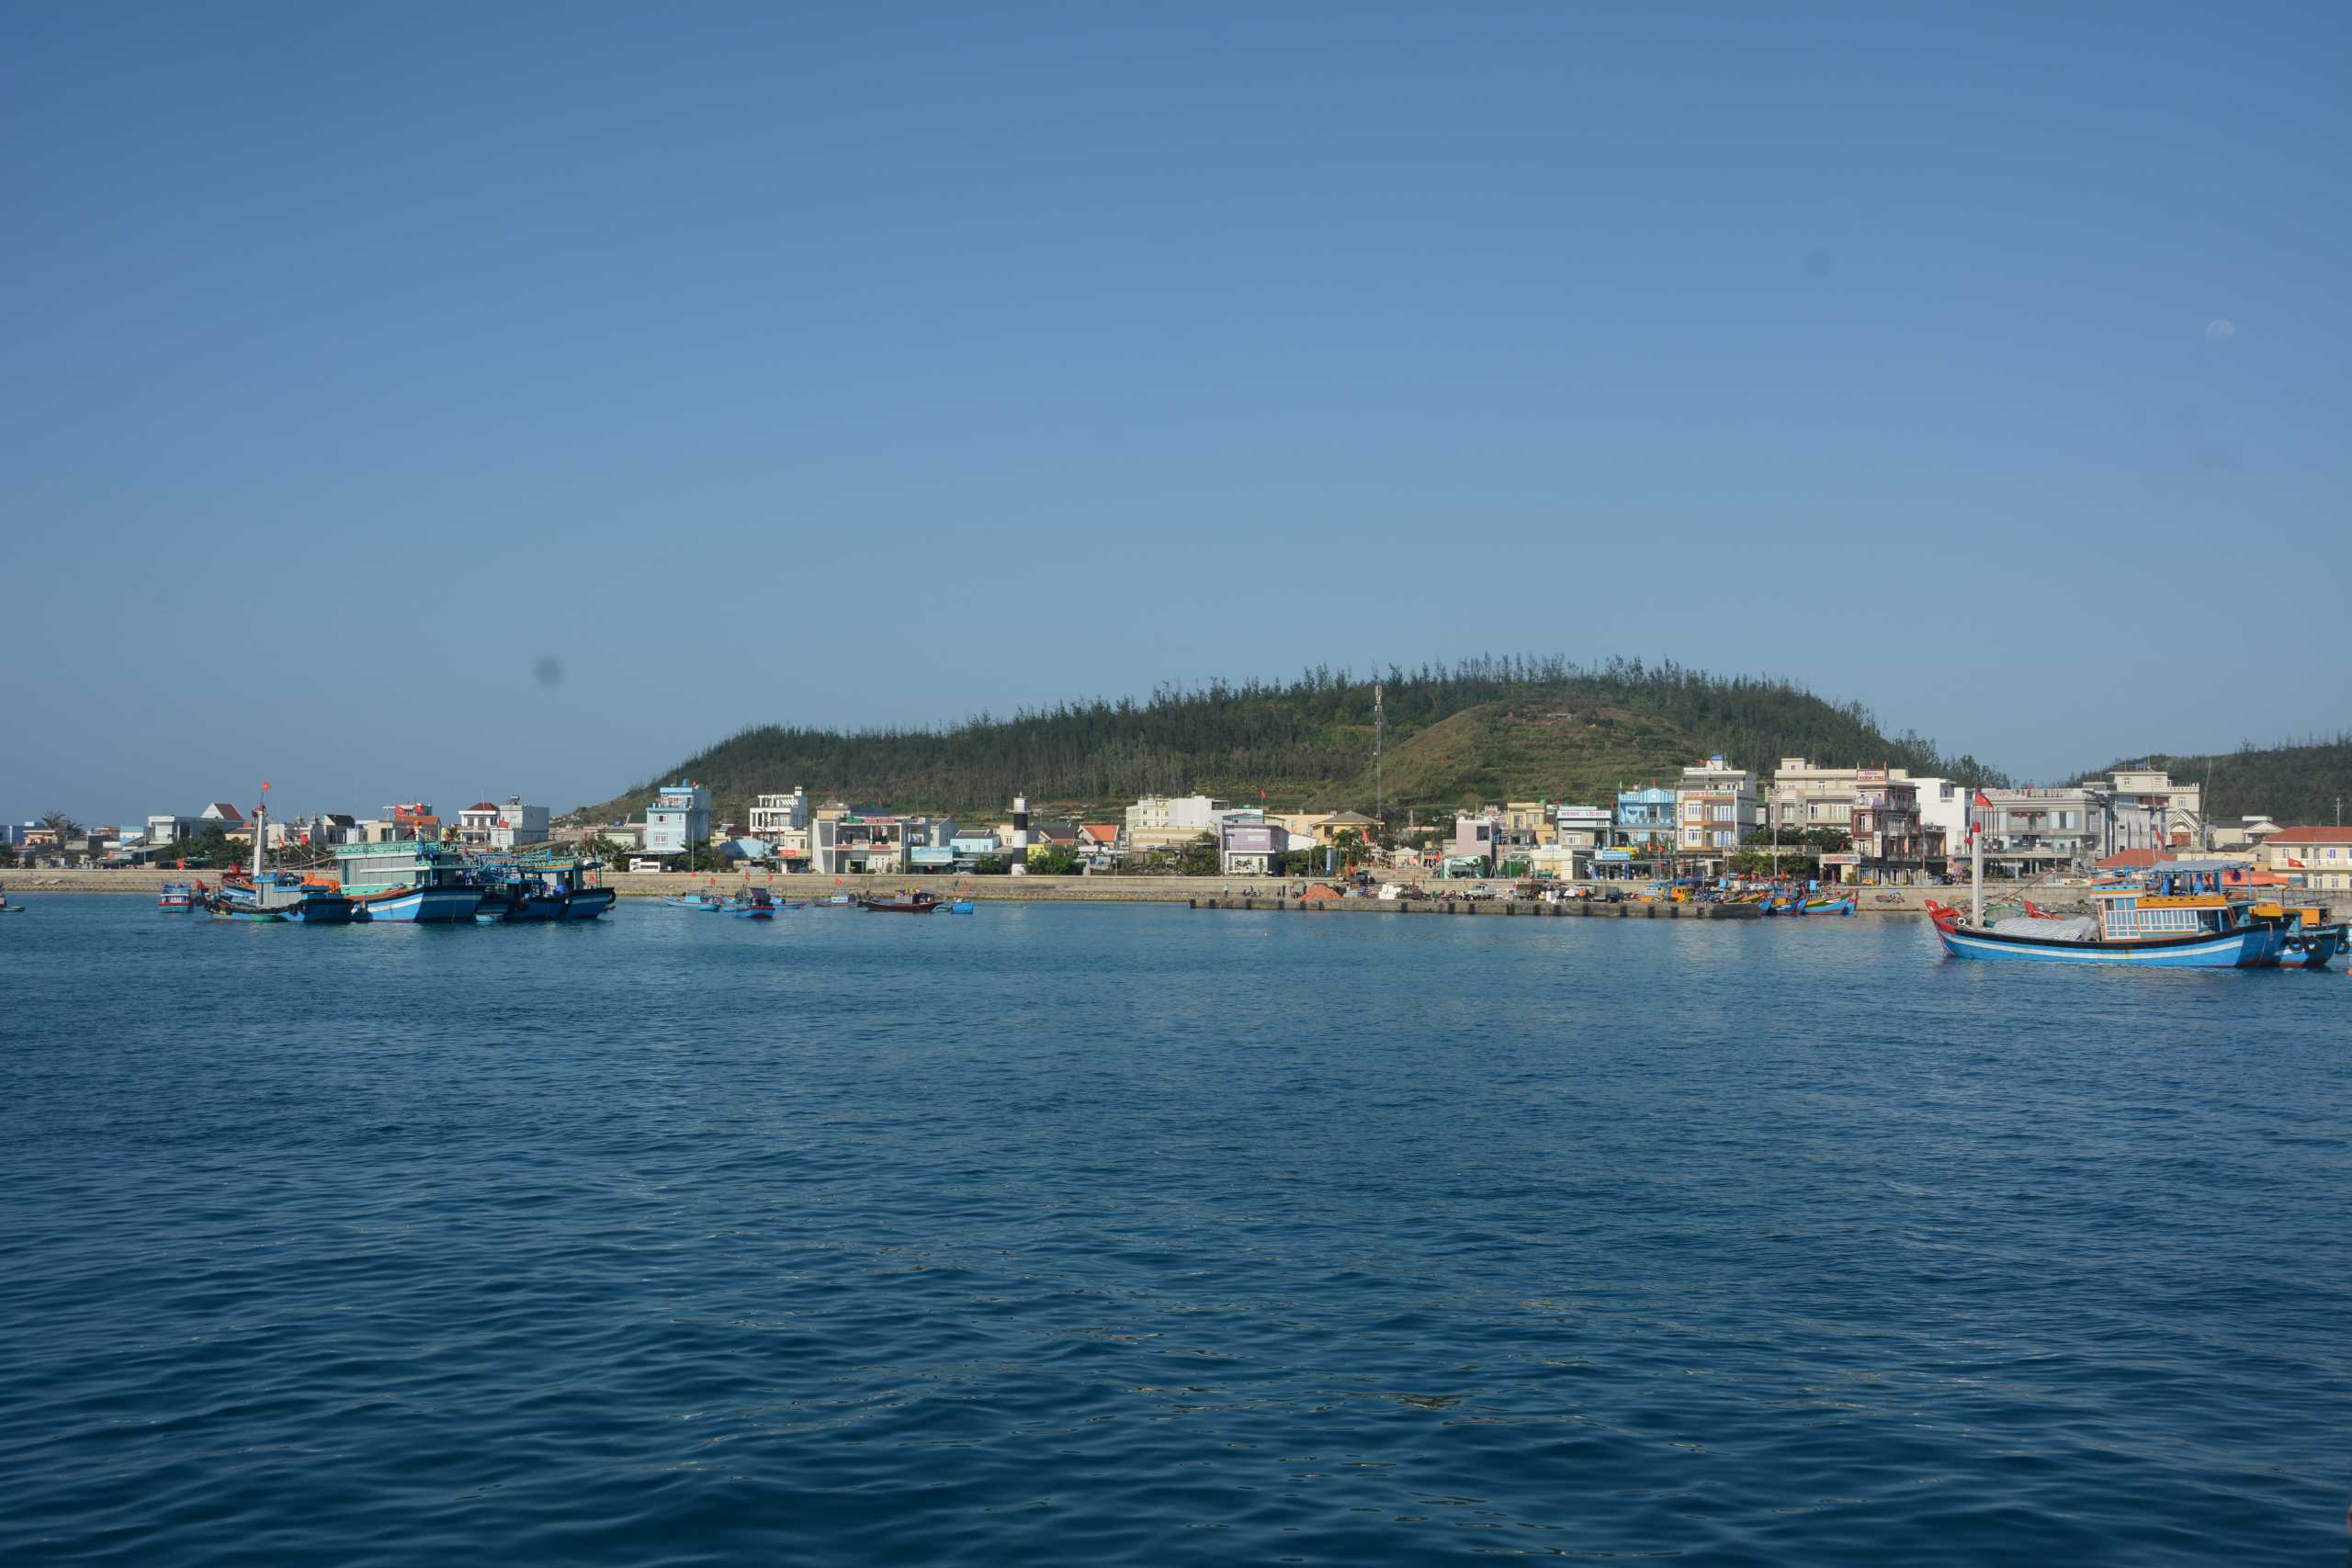 Cảnh đẹp thanh bình trên huyện đảo Lý Sơn